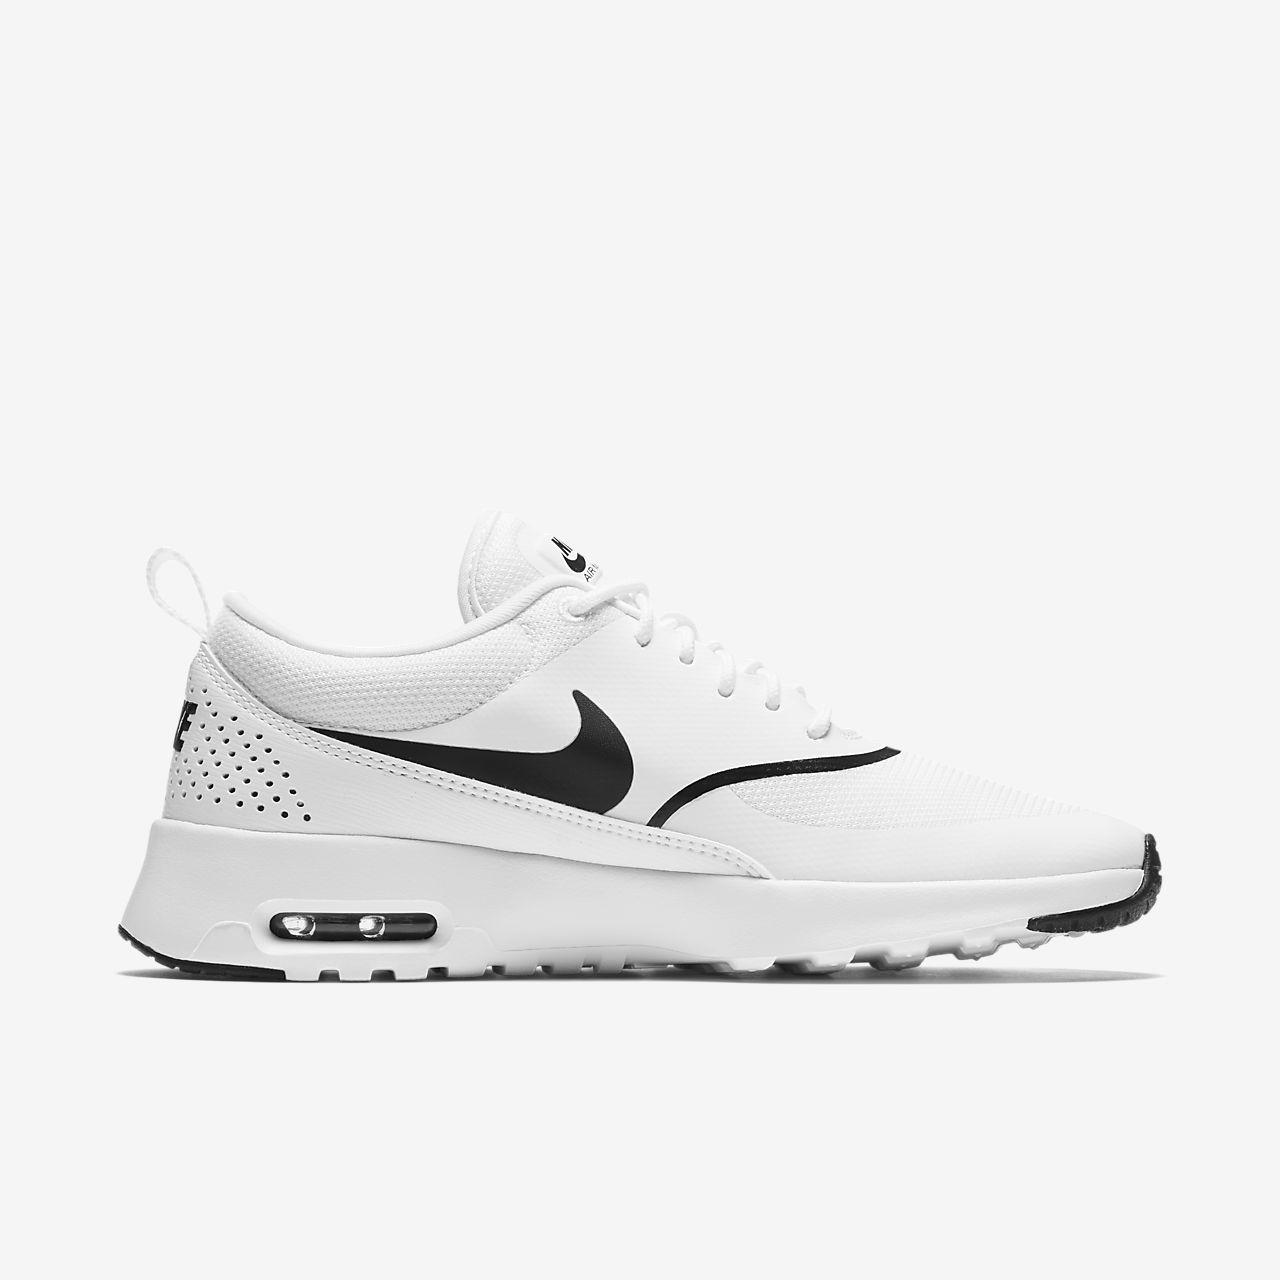 reputable site bee10 8afa1 ... Nike Air Max Thea Women s Shoe